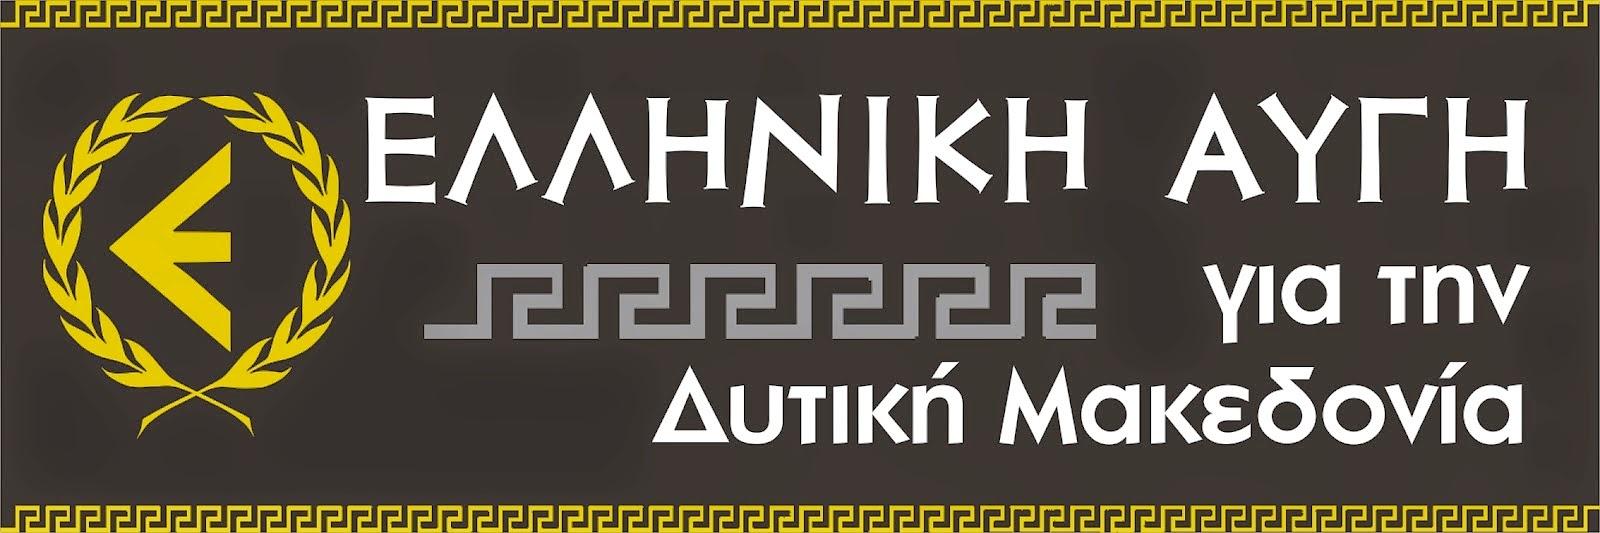 Το πλήρες πρόγραμμα και οι θέσεις της Ελληνικής Αυγής για την Δυτική Μακεδονία.